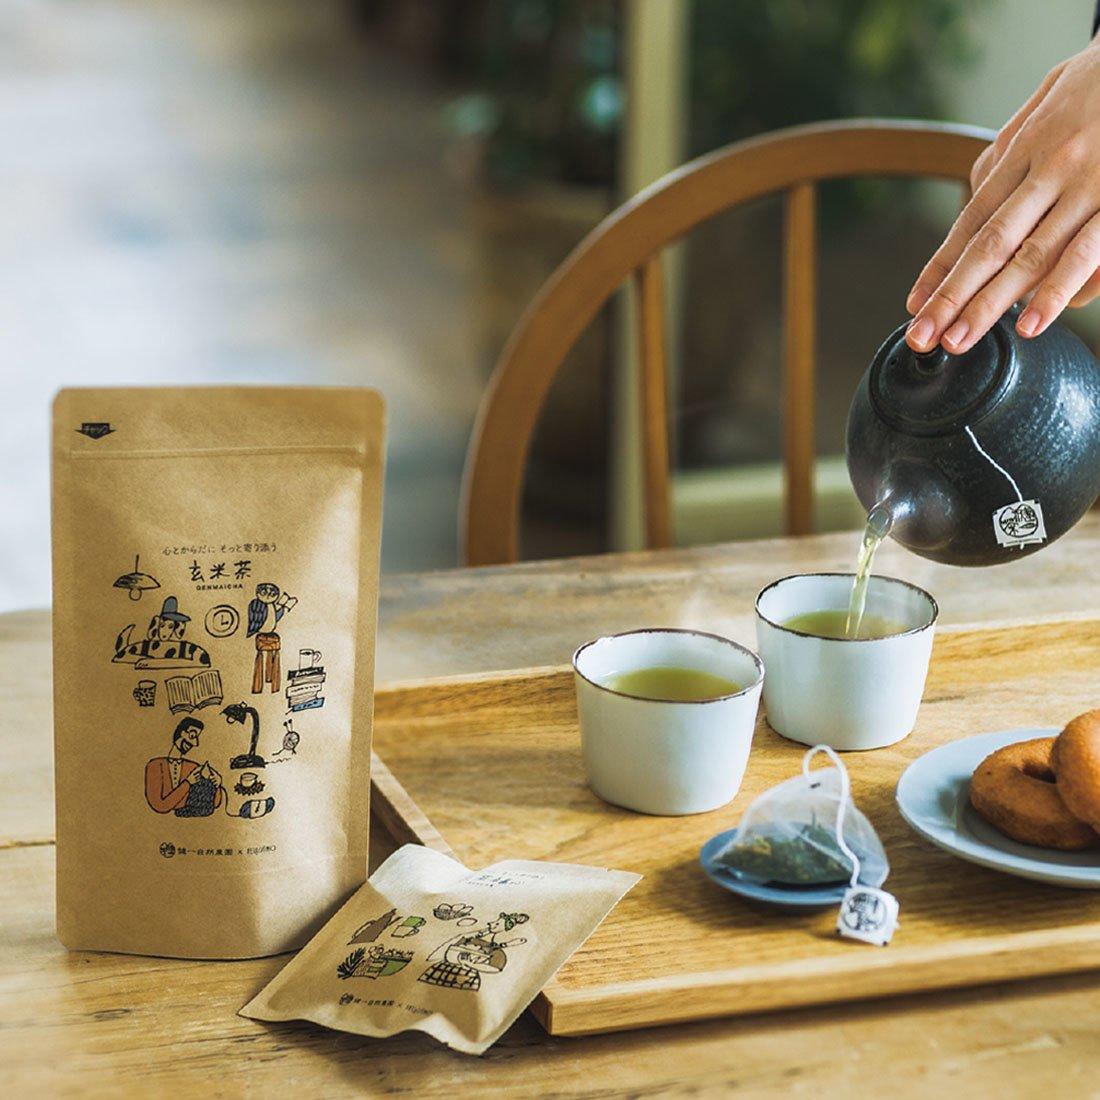 健一自然農園×フェリシモ 心とからだにそっと寄り添う お茶セット(ティーバッグ)の会